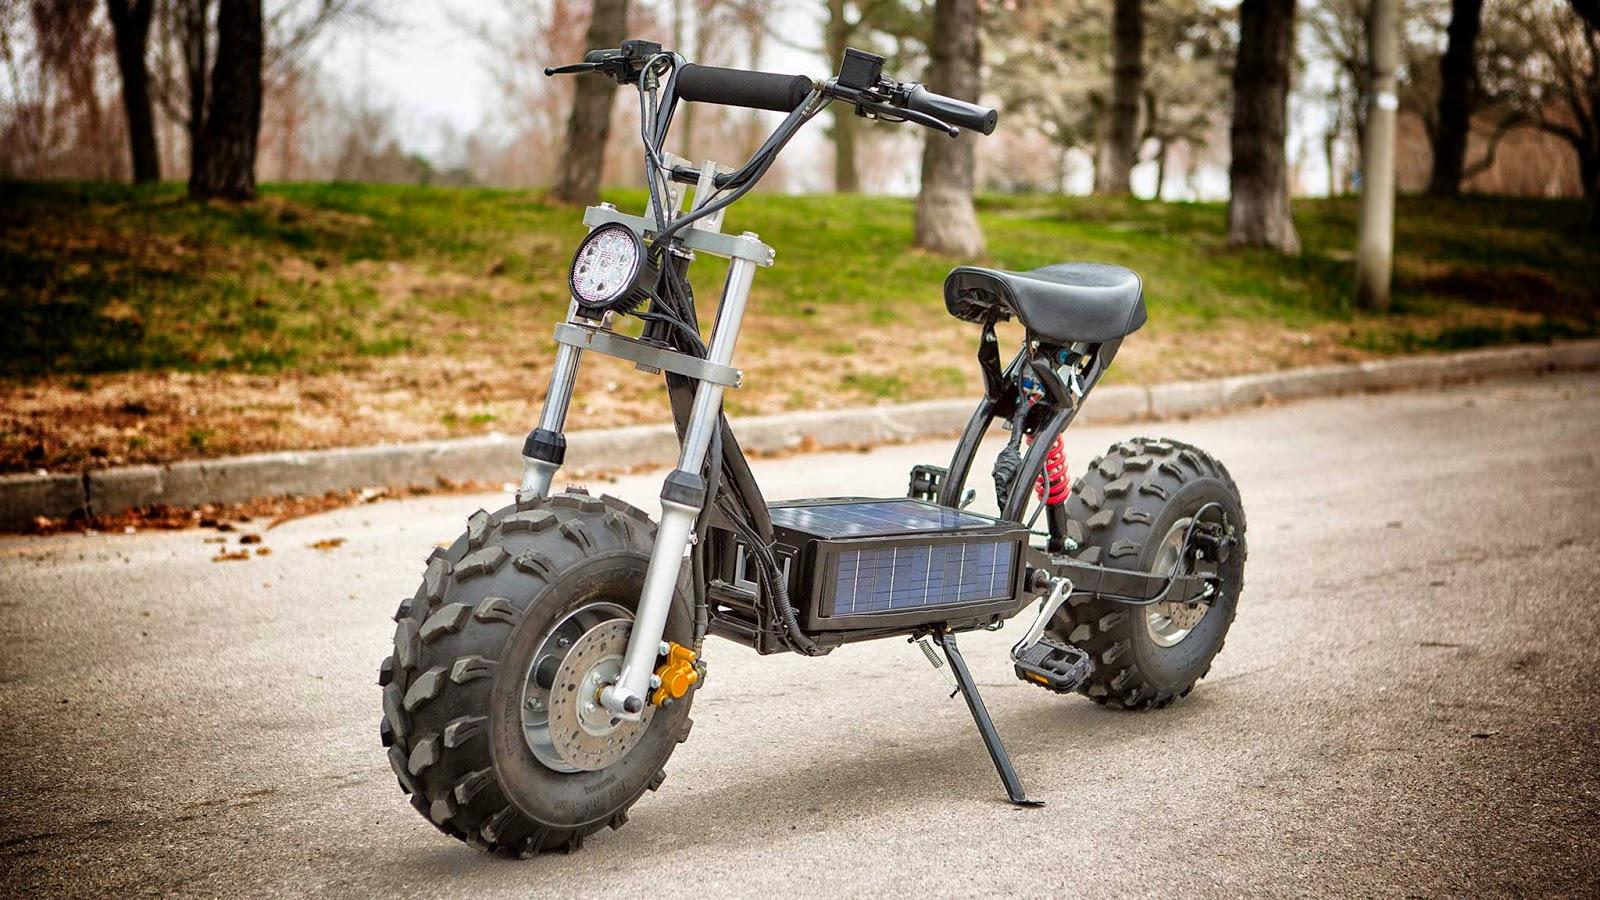 napelemes motorbicikli, közlekedés, környezetvédés, Beast, Fenevad, Deymak,